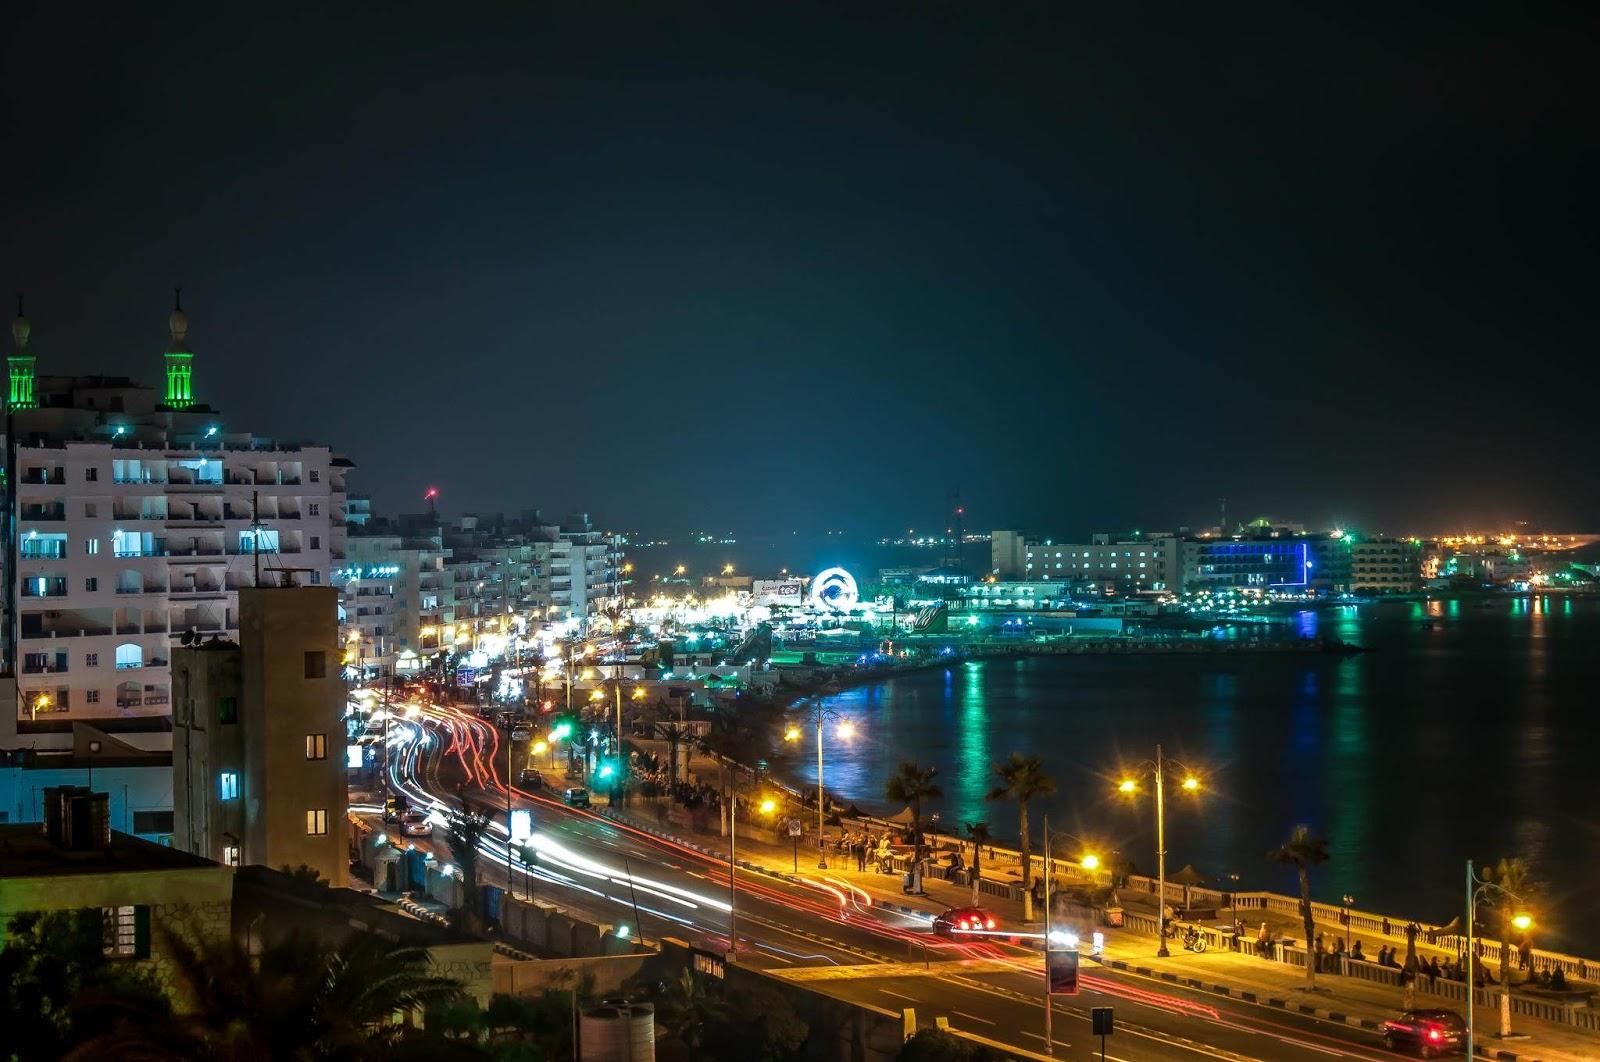 معلومات عن مرسي مطروح شواطئ وشوارع واسواق وفنادق أكبر موسوعة عن مدينة مرسي مطروح